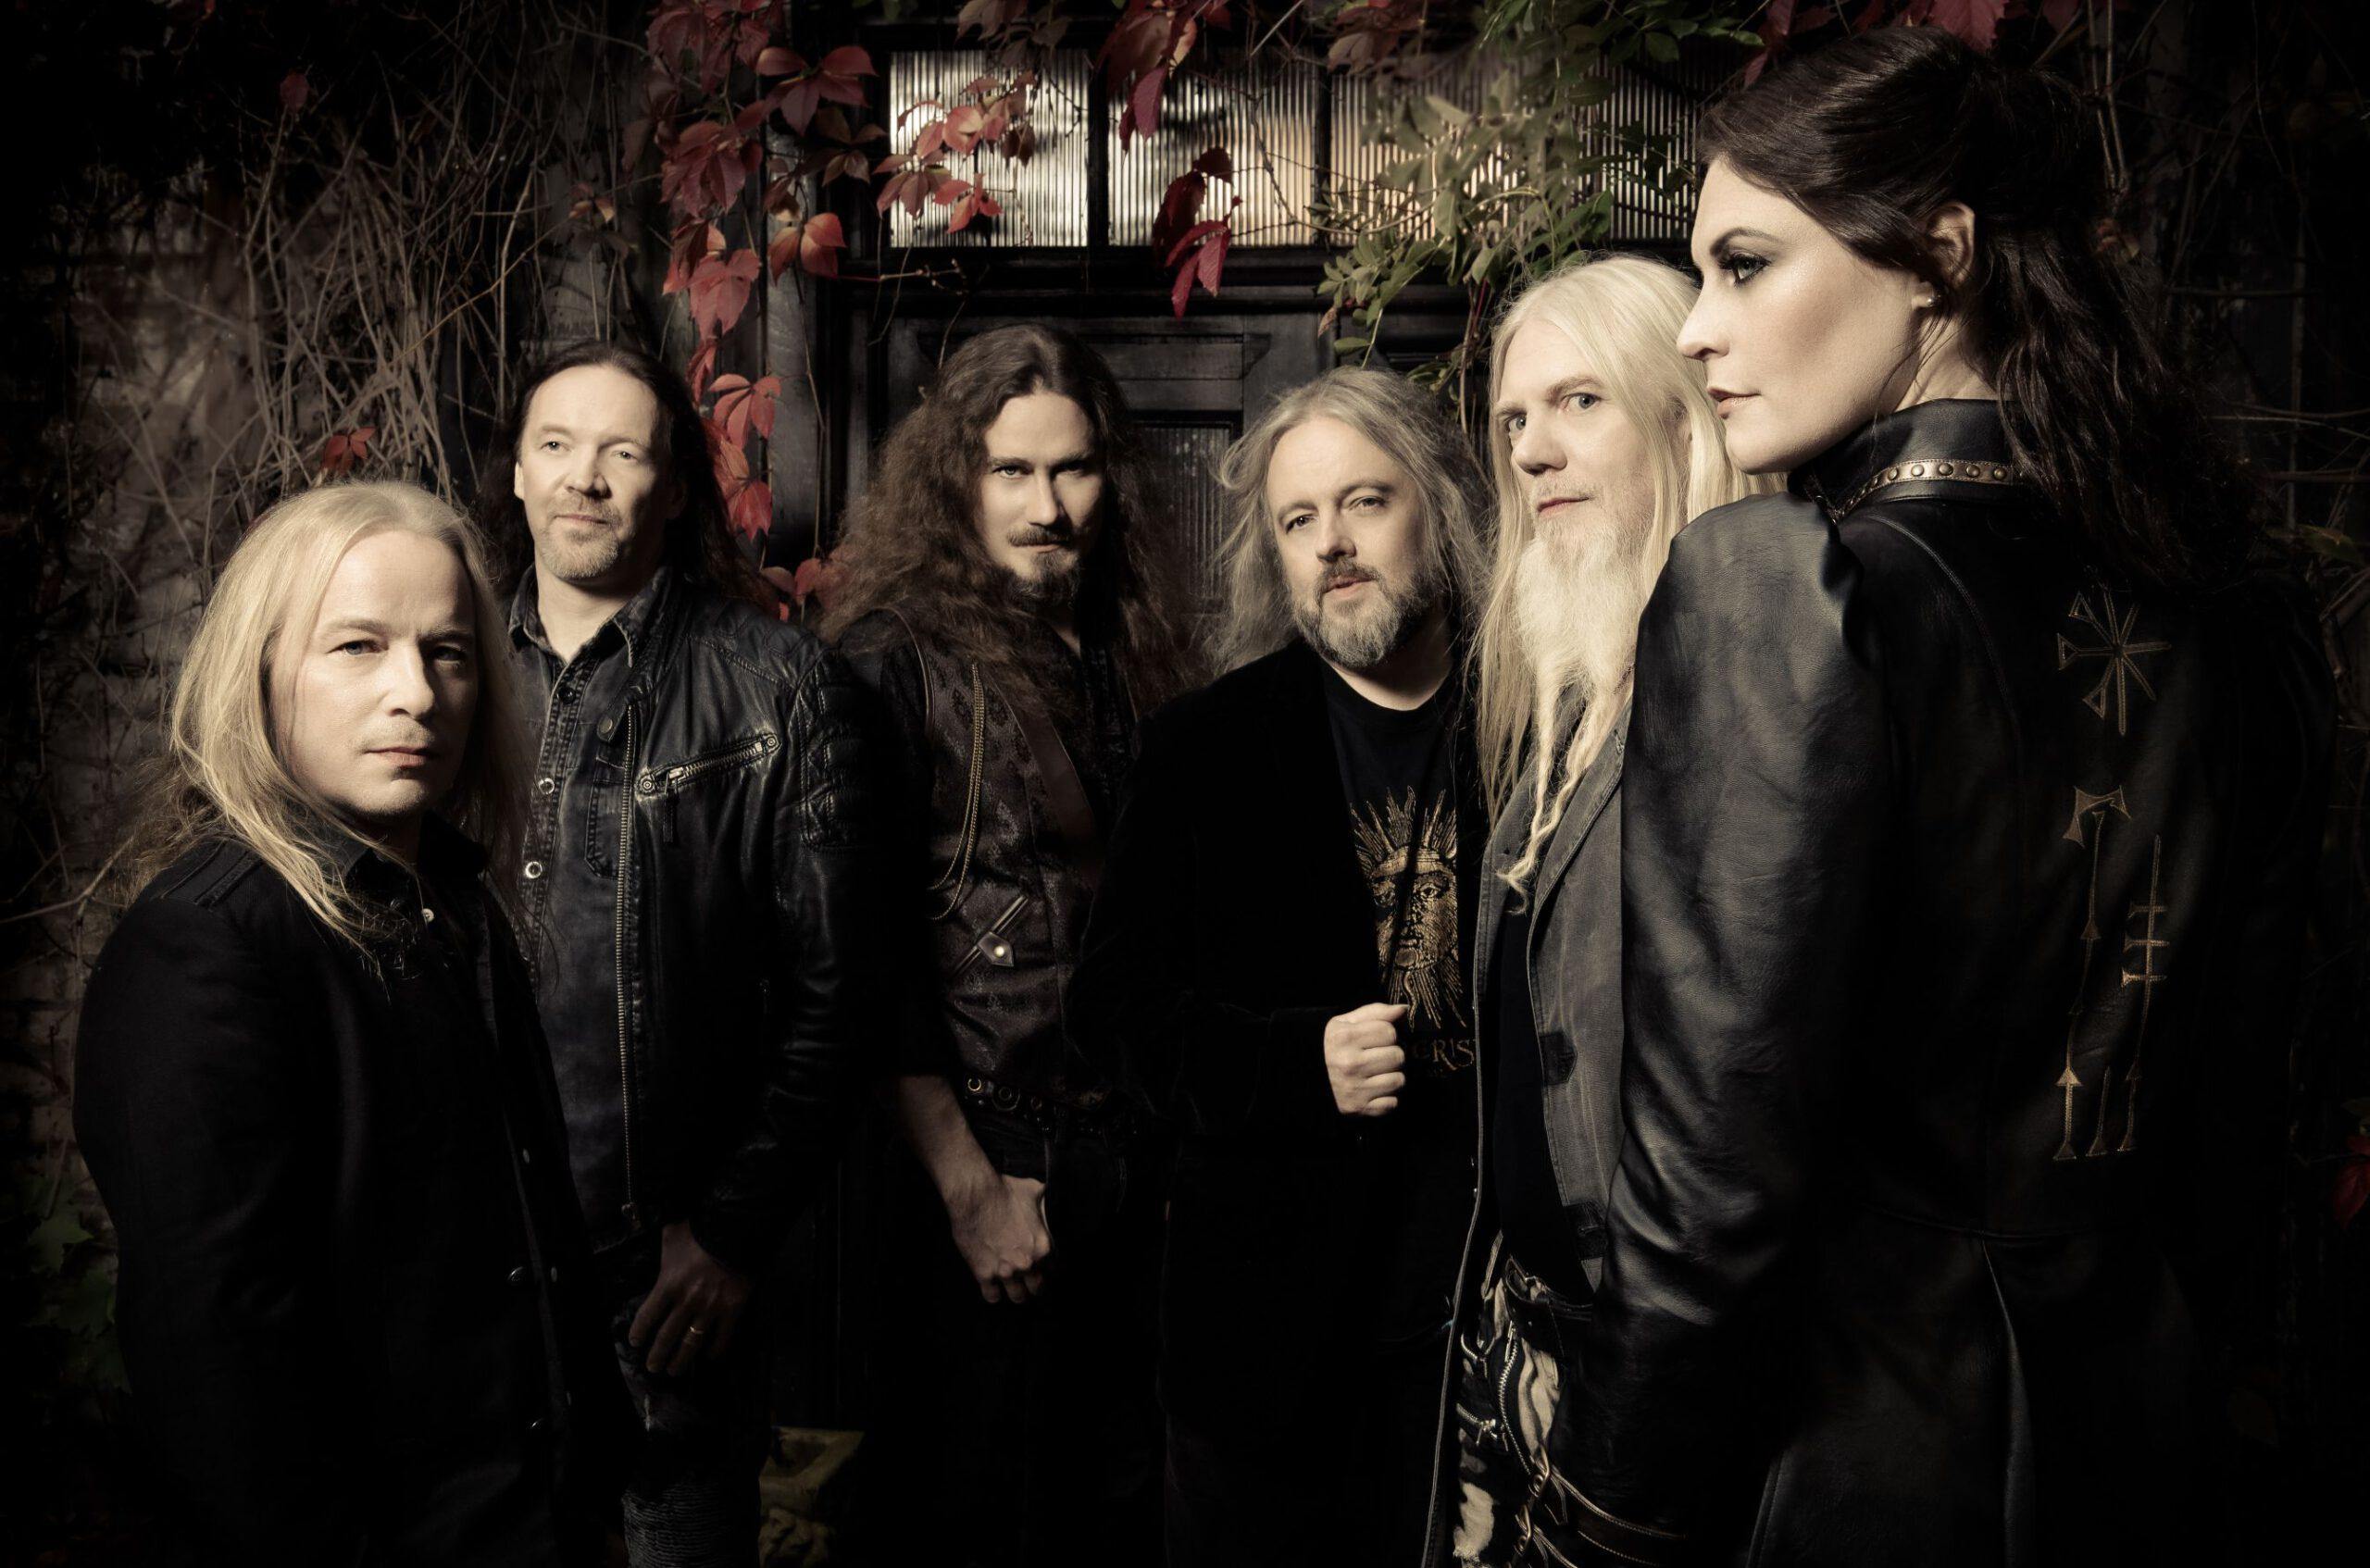 Nightwish band